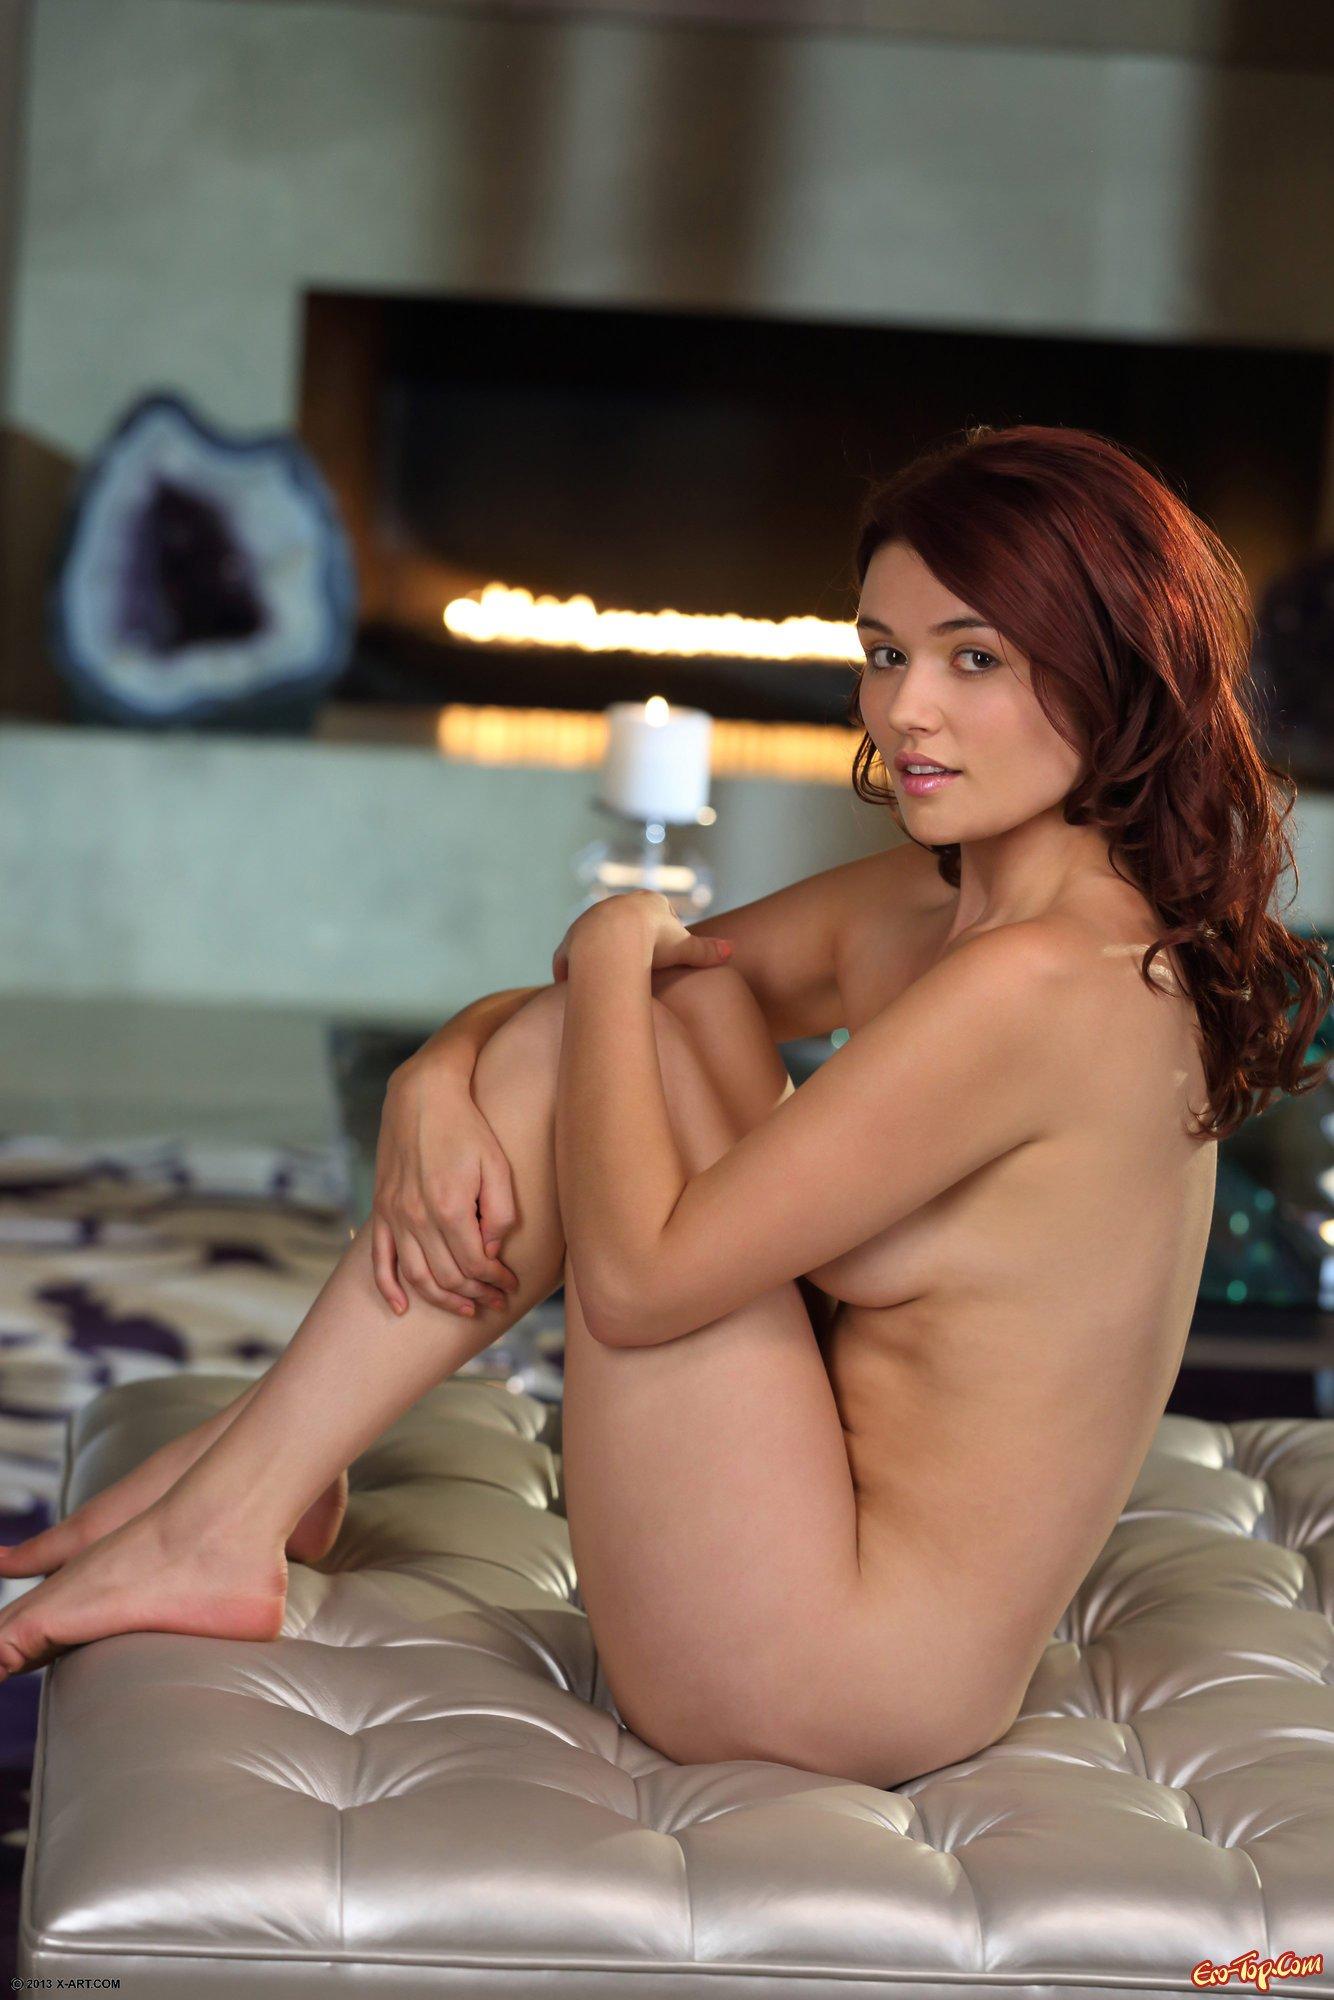 Девушка мастурбирует на пуфике